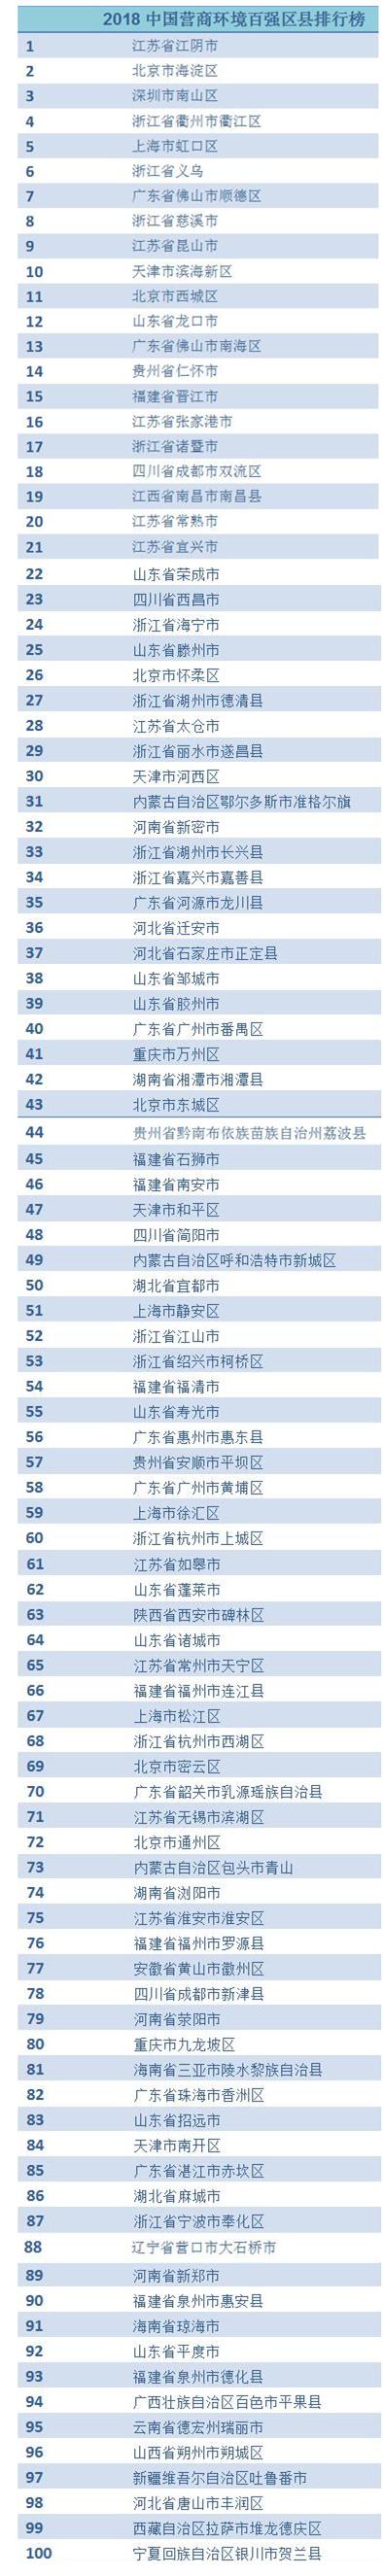 全国首个营商环境百强区县榜单出炉 沿海六地占据半壁江山